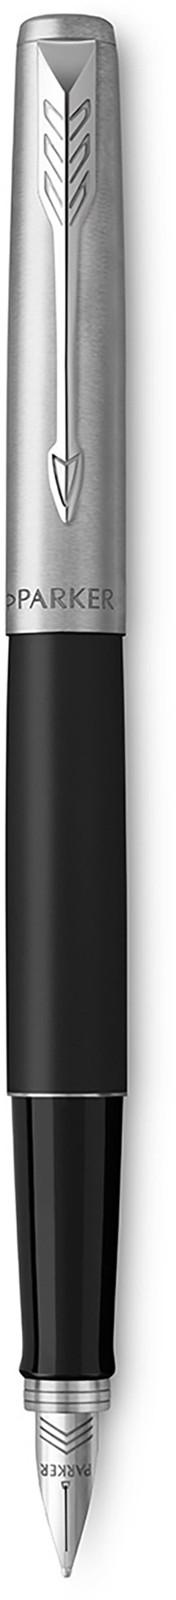 Parker Jotter Core fountain pen - Black